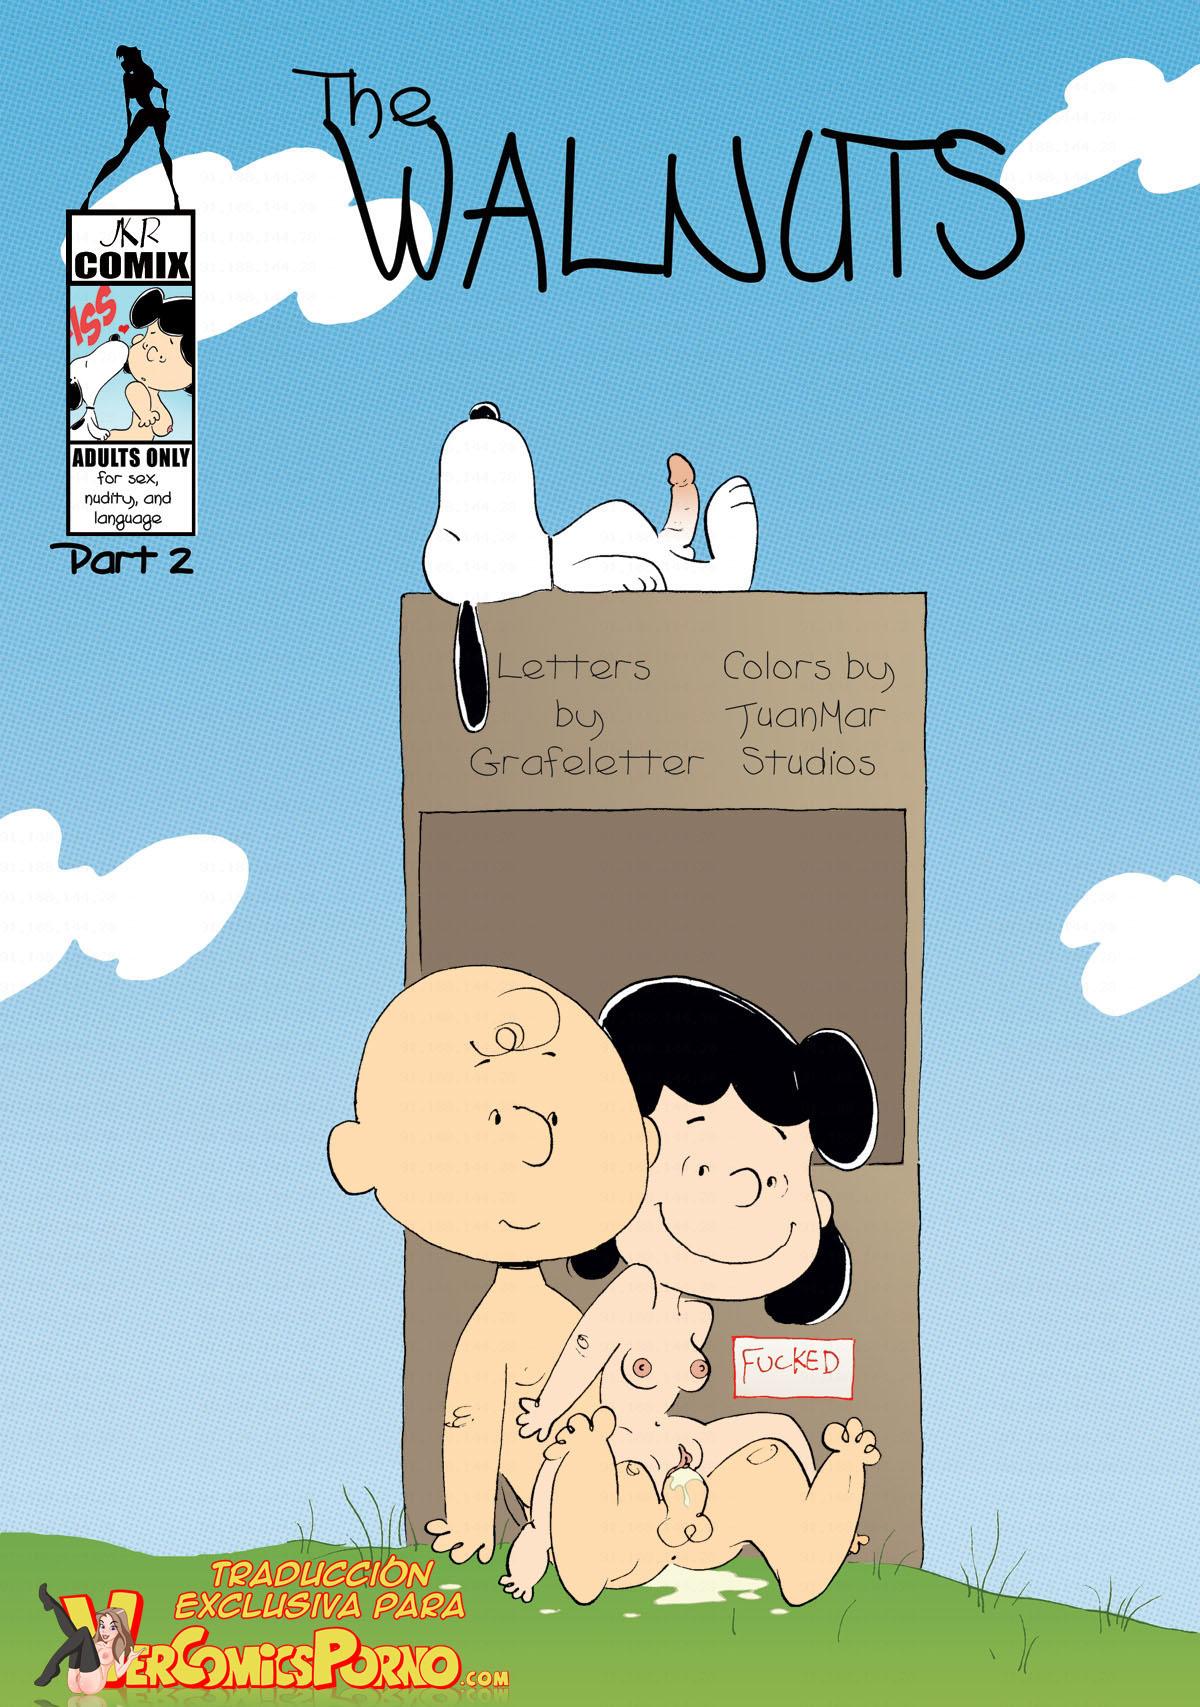 JKR Comics- The Walnuts 2 -Español-